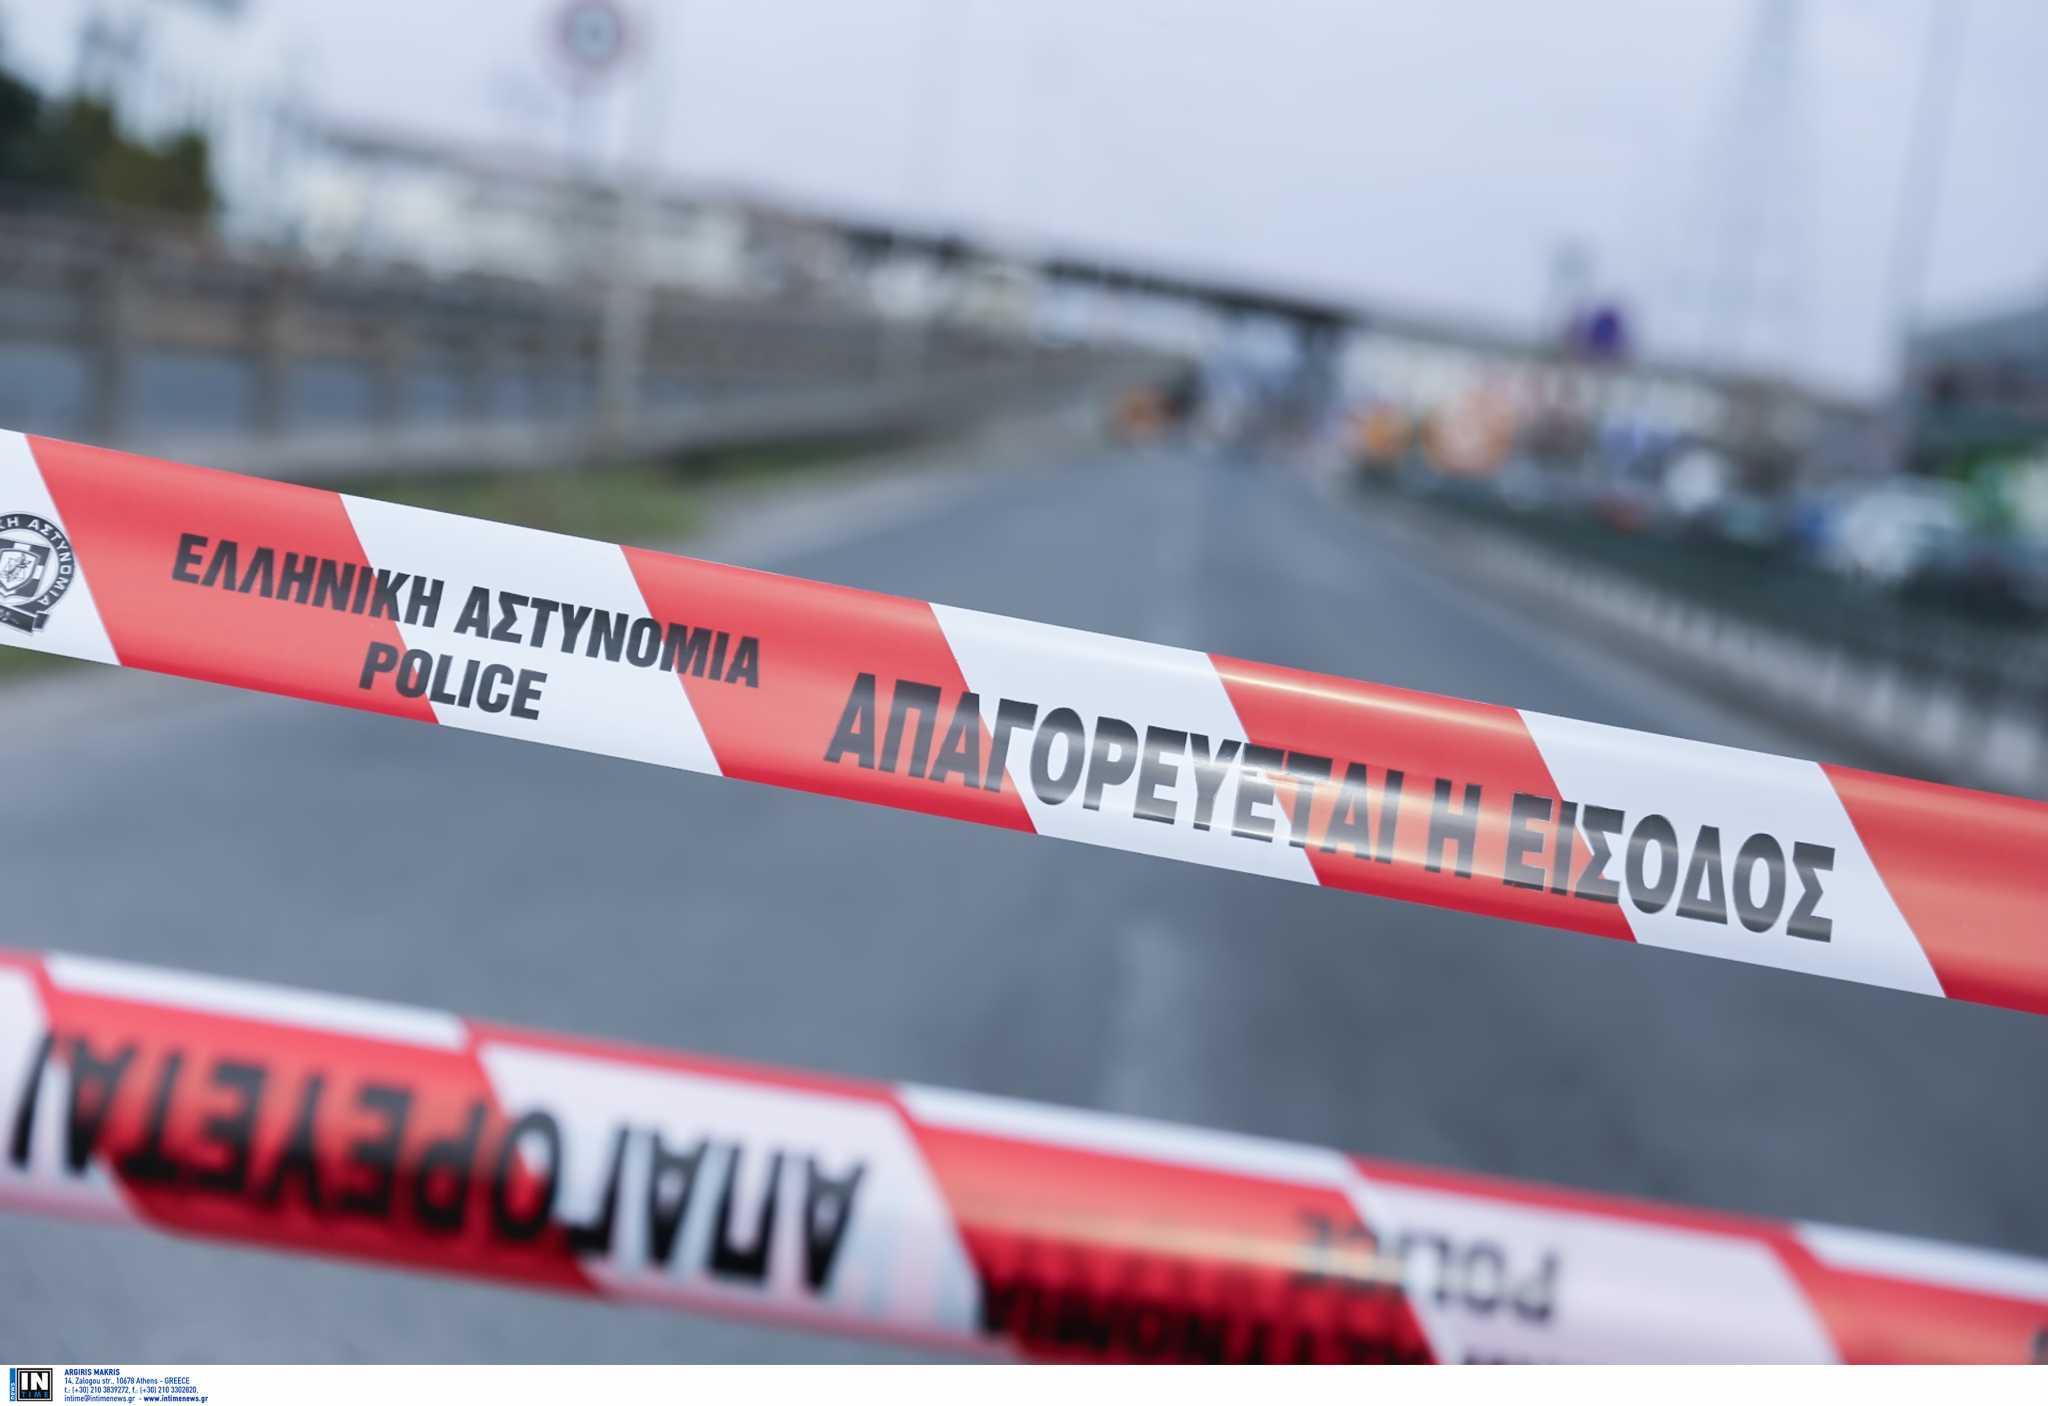 Λάρισα: Άρχισε να σπρώχνει το αυτοκίνητο για να πάρει μπροστά και σκοτώθηκε κοντά στη γυναίκα του